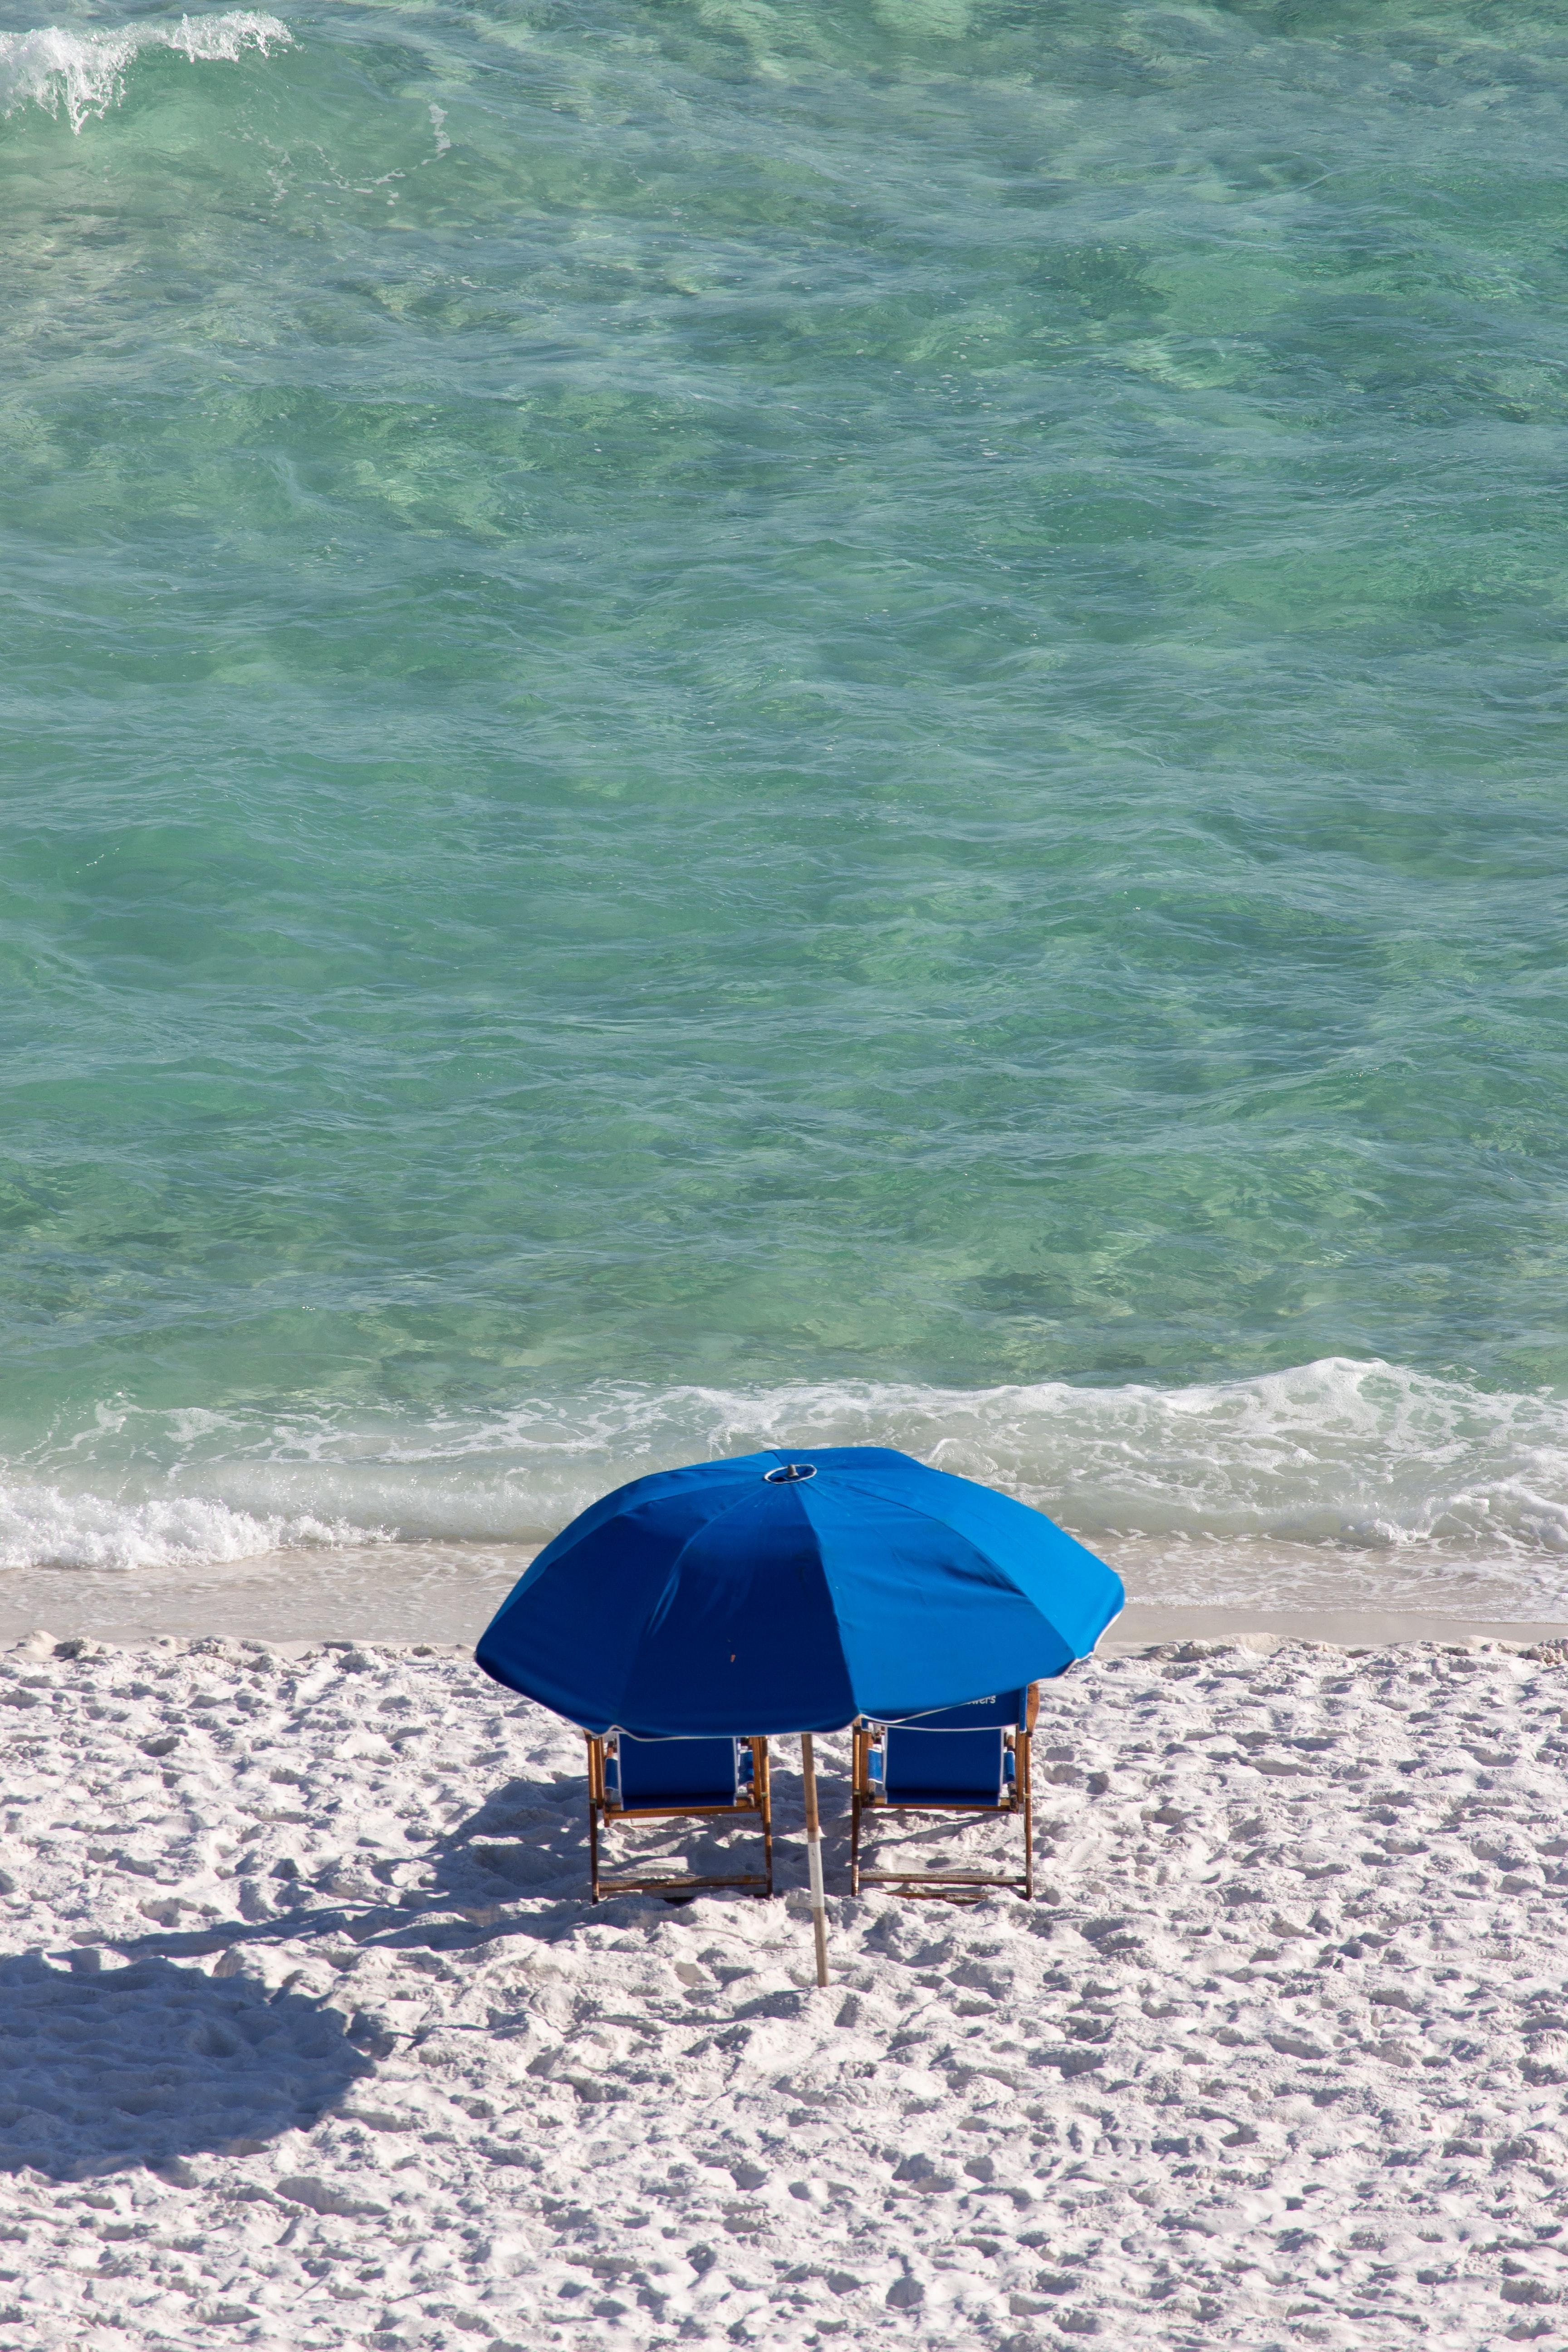 157534壁紙のダウンロードその他, 雑, ビーチ, サンド, 傘, 海, リラクゼーション, 休む-スクリーンセーバーと写真を無料で